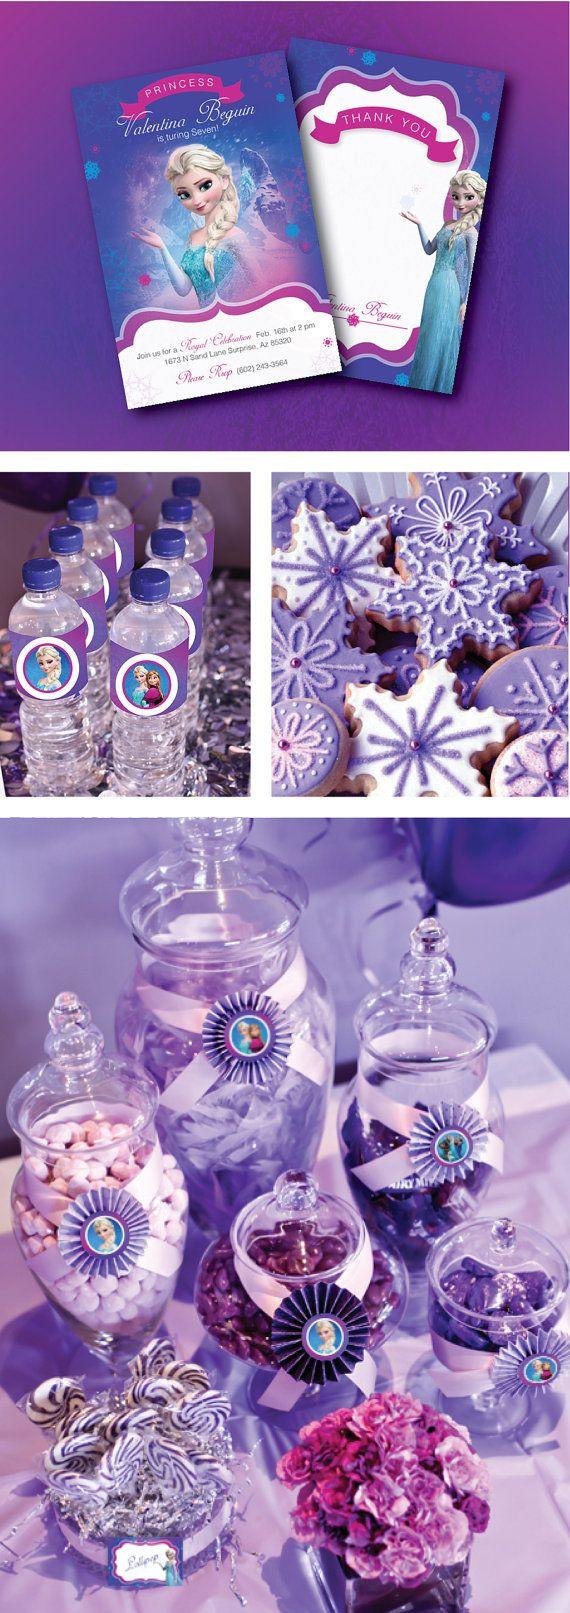 30 ideas para organizar una fiesta de frozen decoracion for Ideas de decoracion economicas